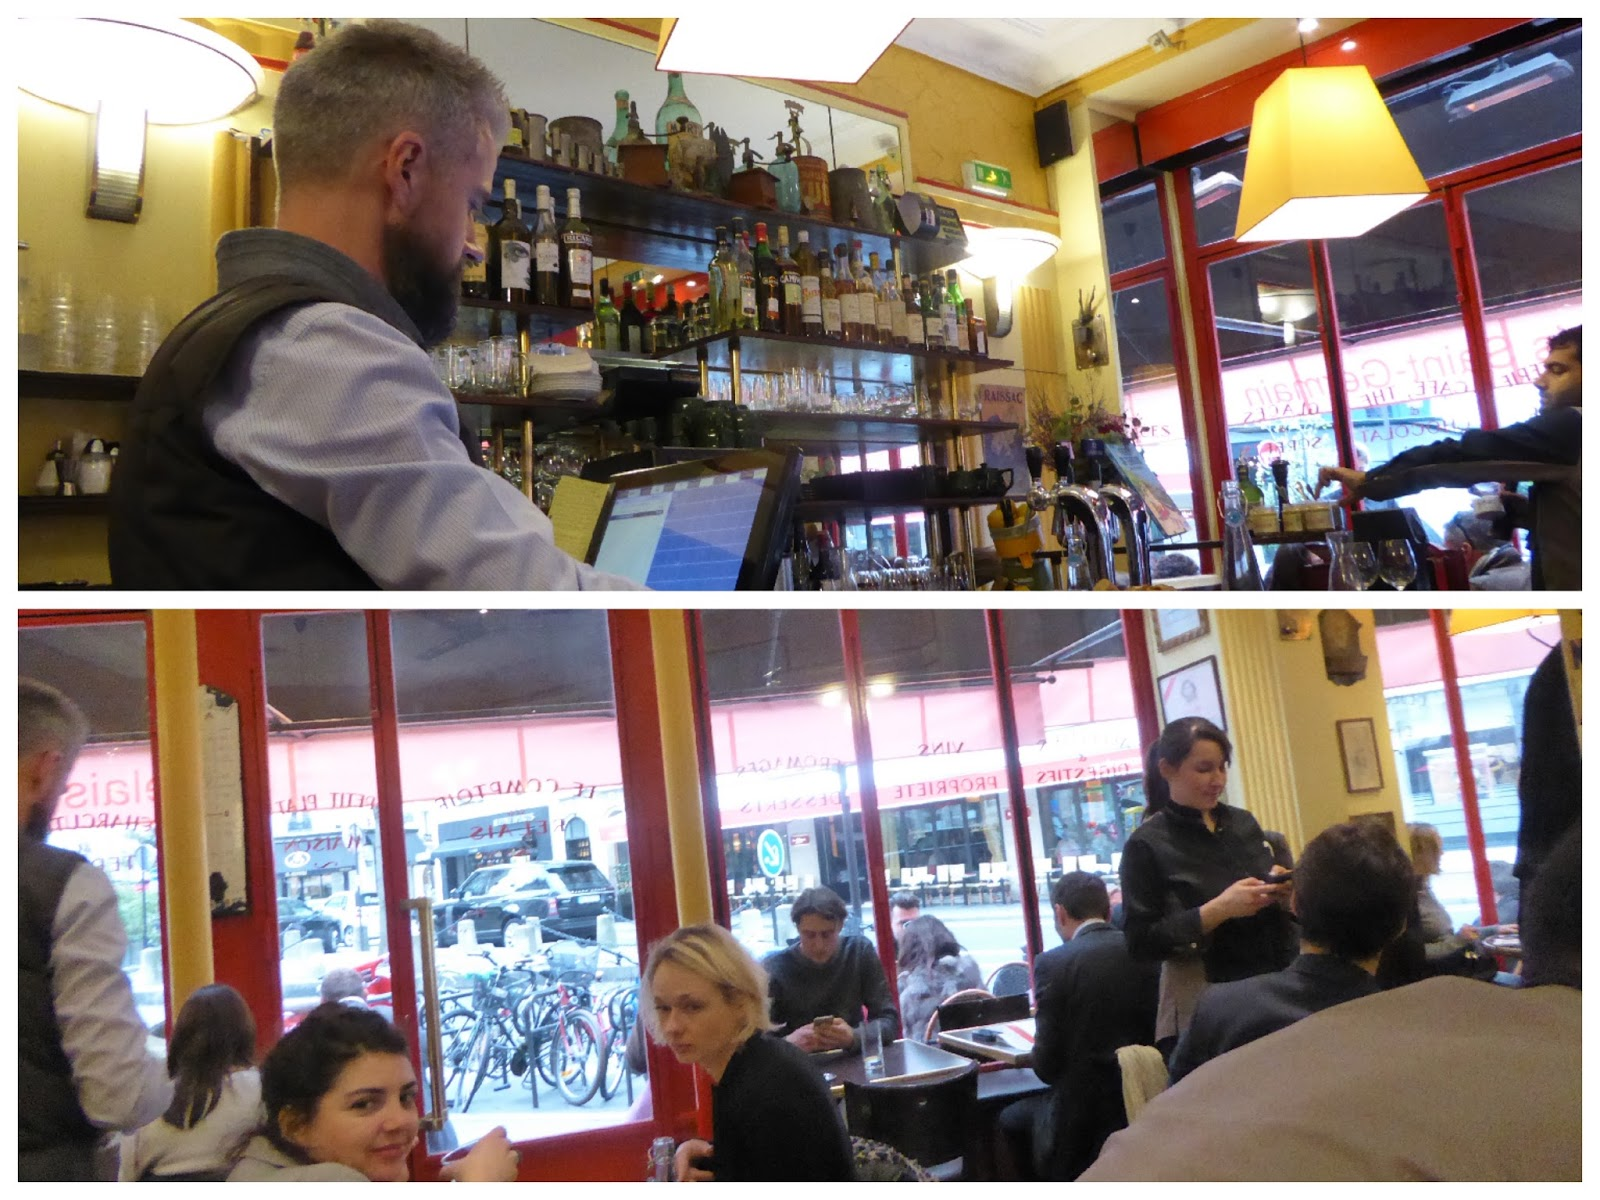 Paris missives le comptoir du relais restaurant review - Le comptoir du relais restaurant reservations ...